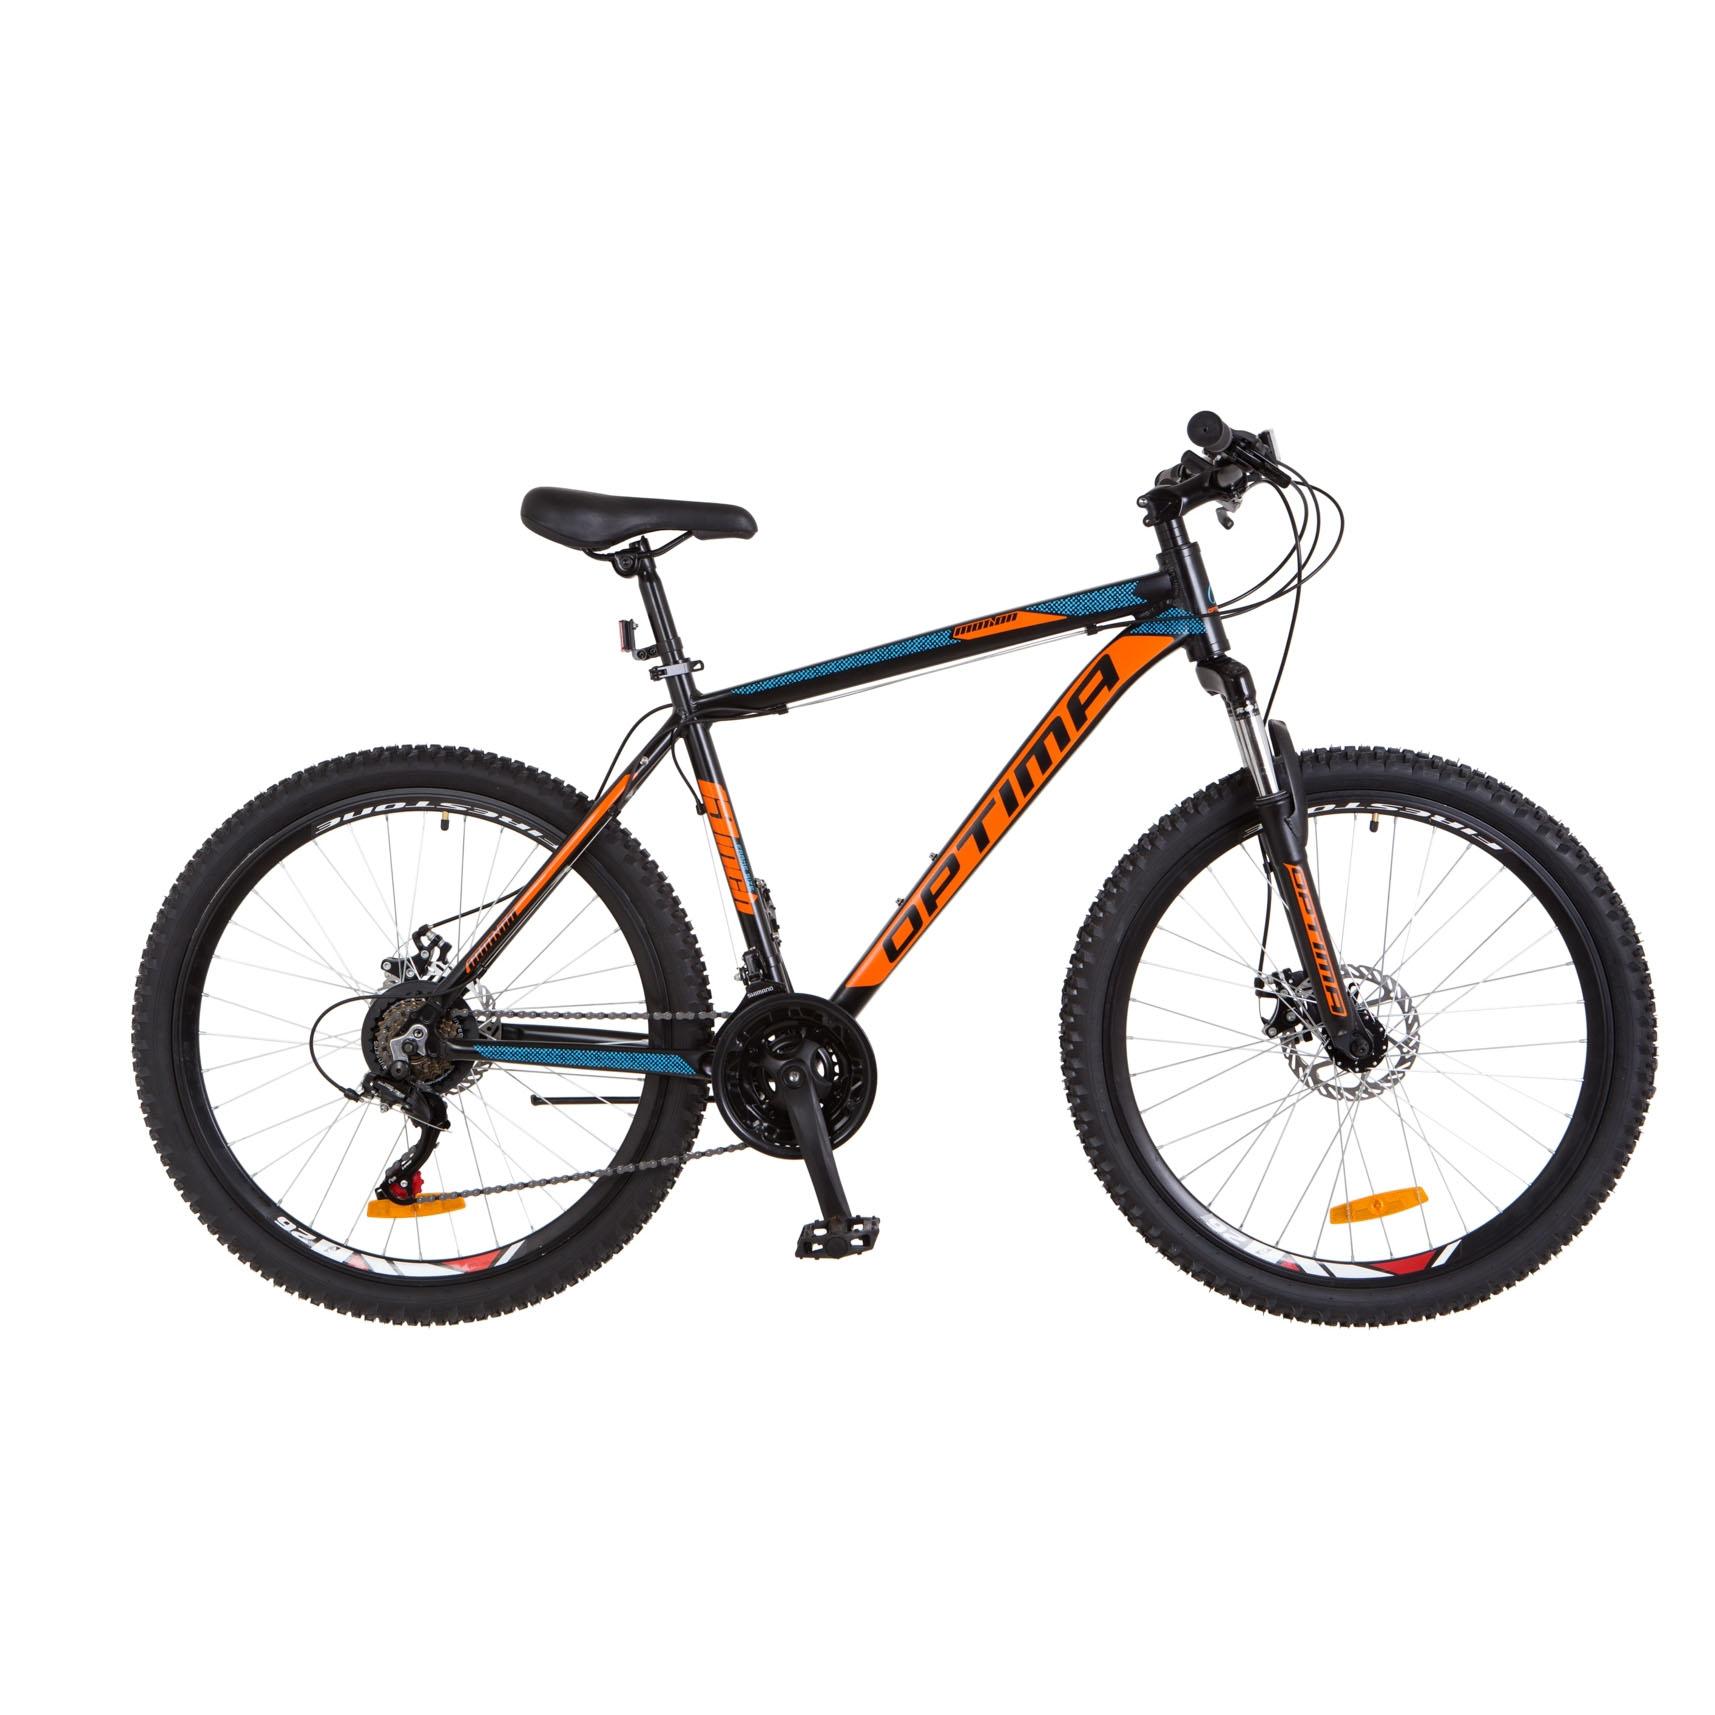 Фото Горный Велосипед 29 Optimabikes MOTION DD черно-оранжево-синий